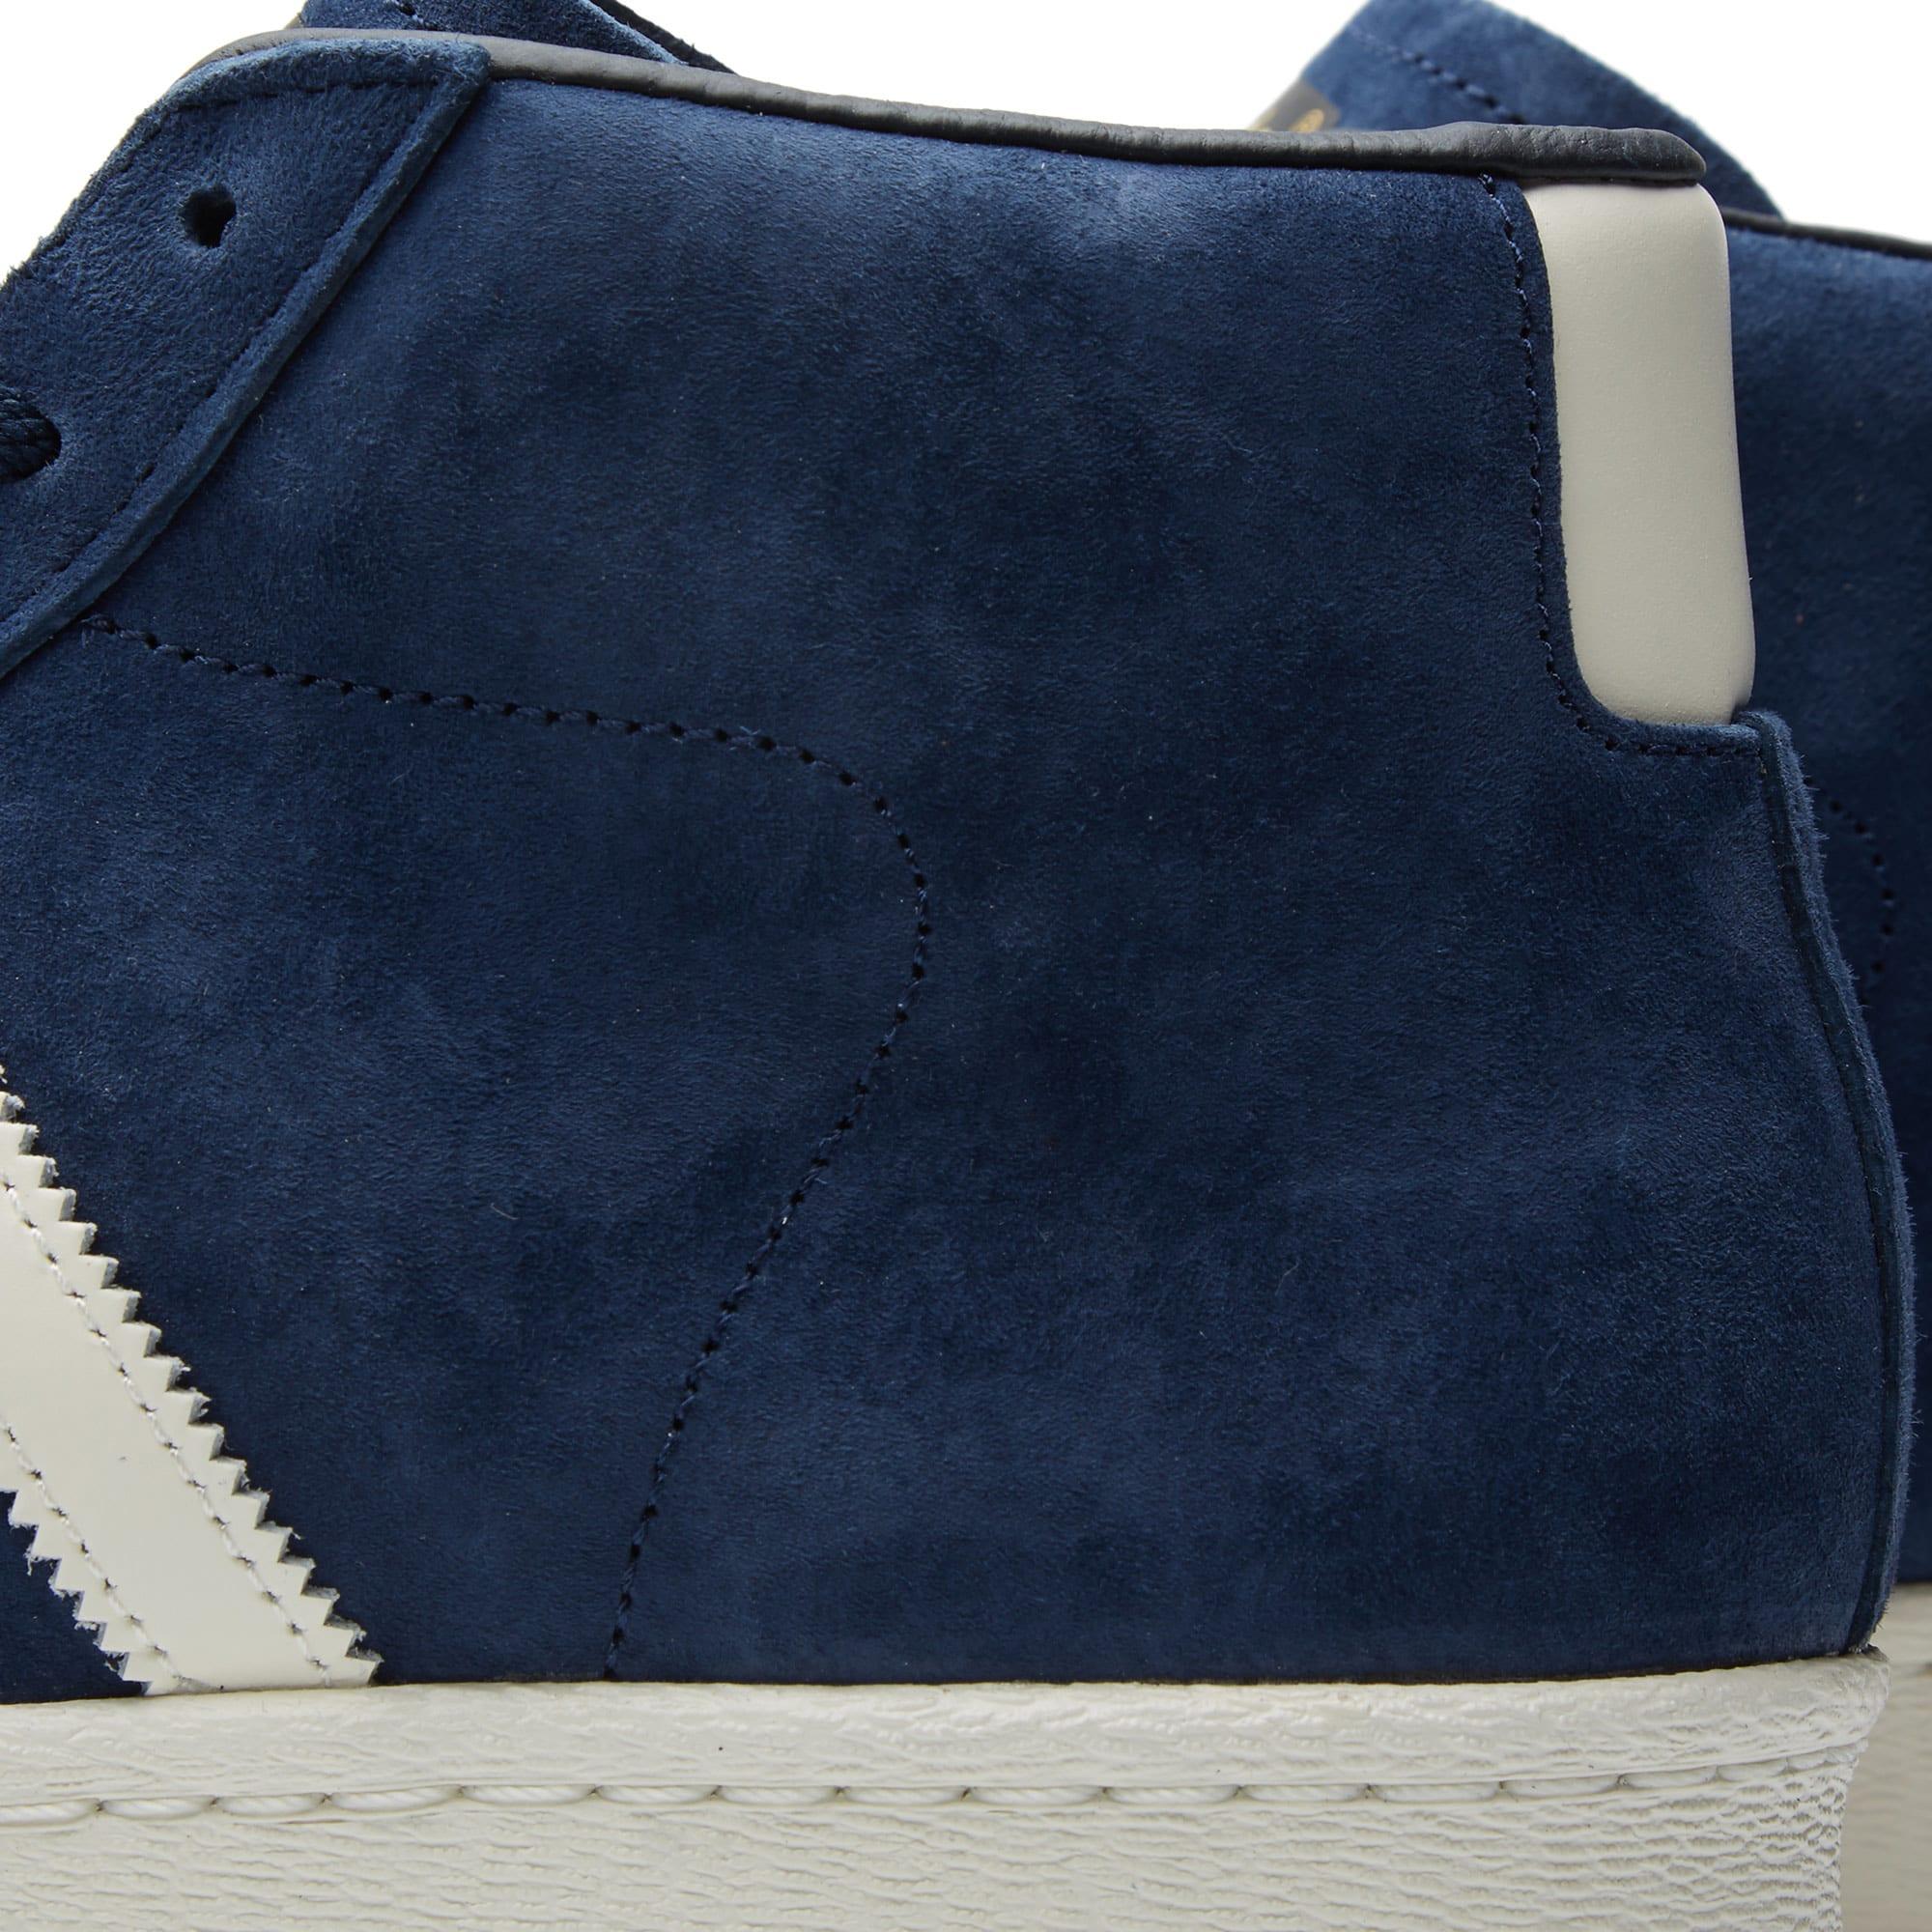 Adidas Pro Model Vintage DLX Collegiate